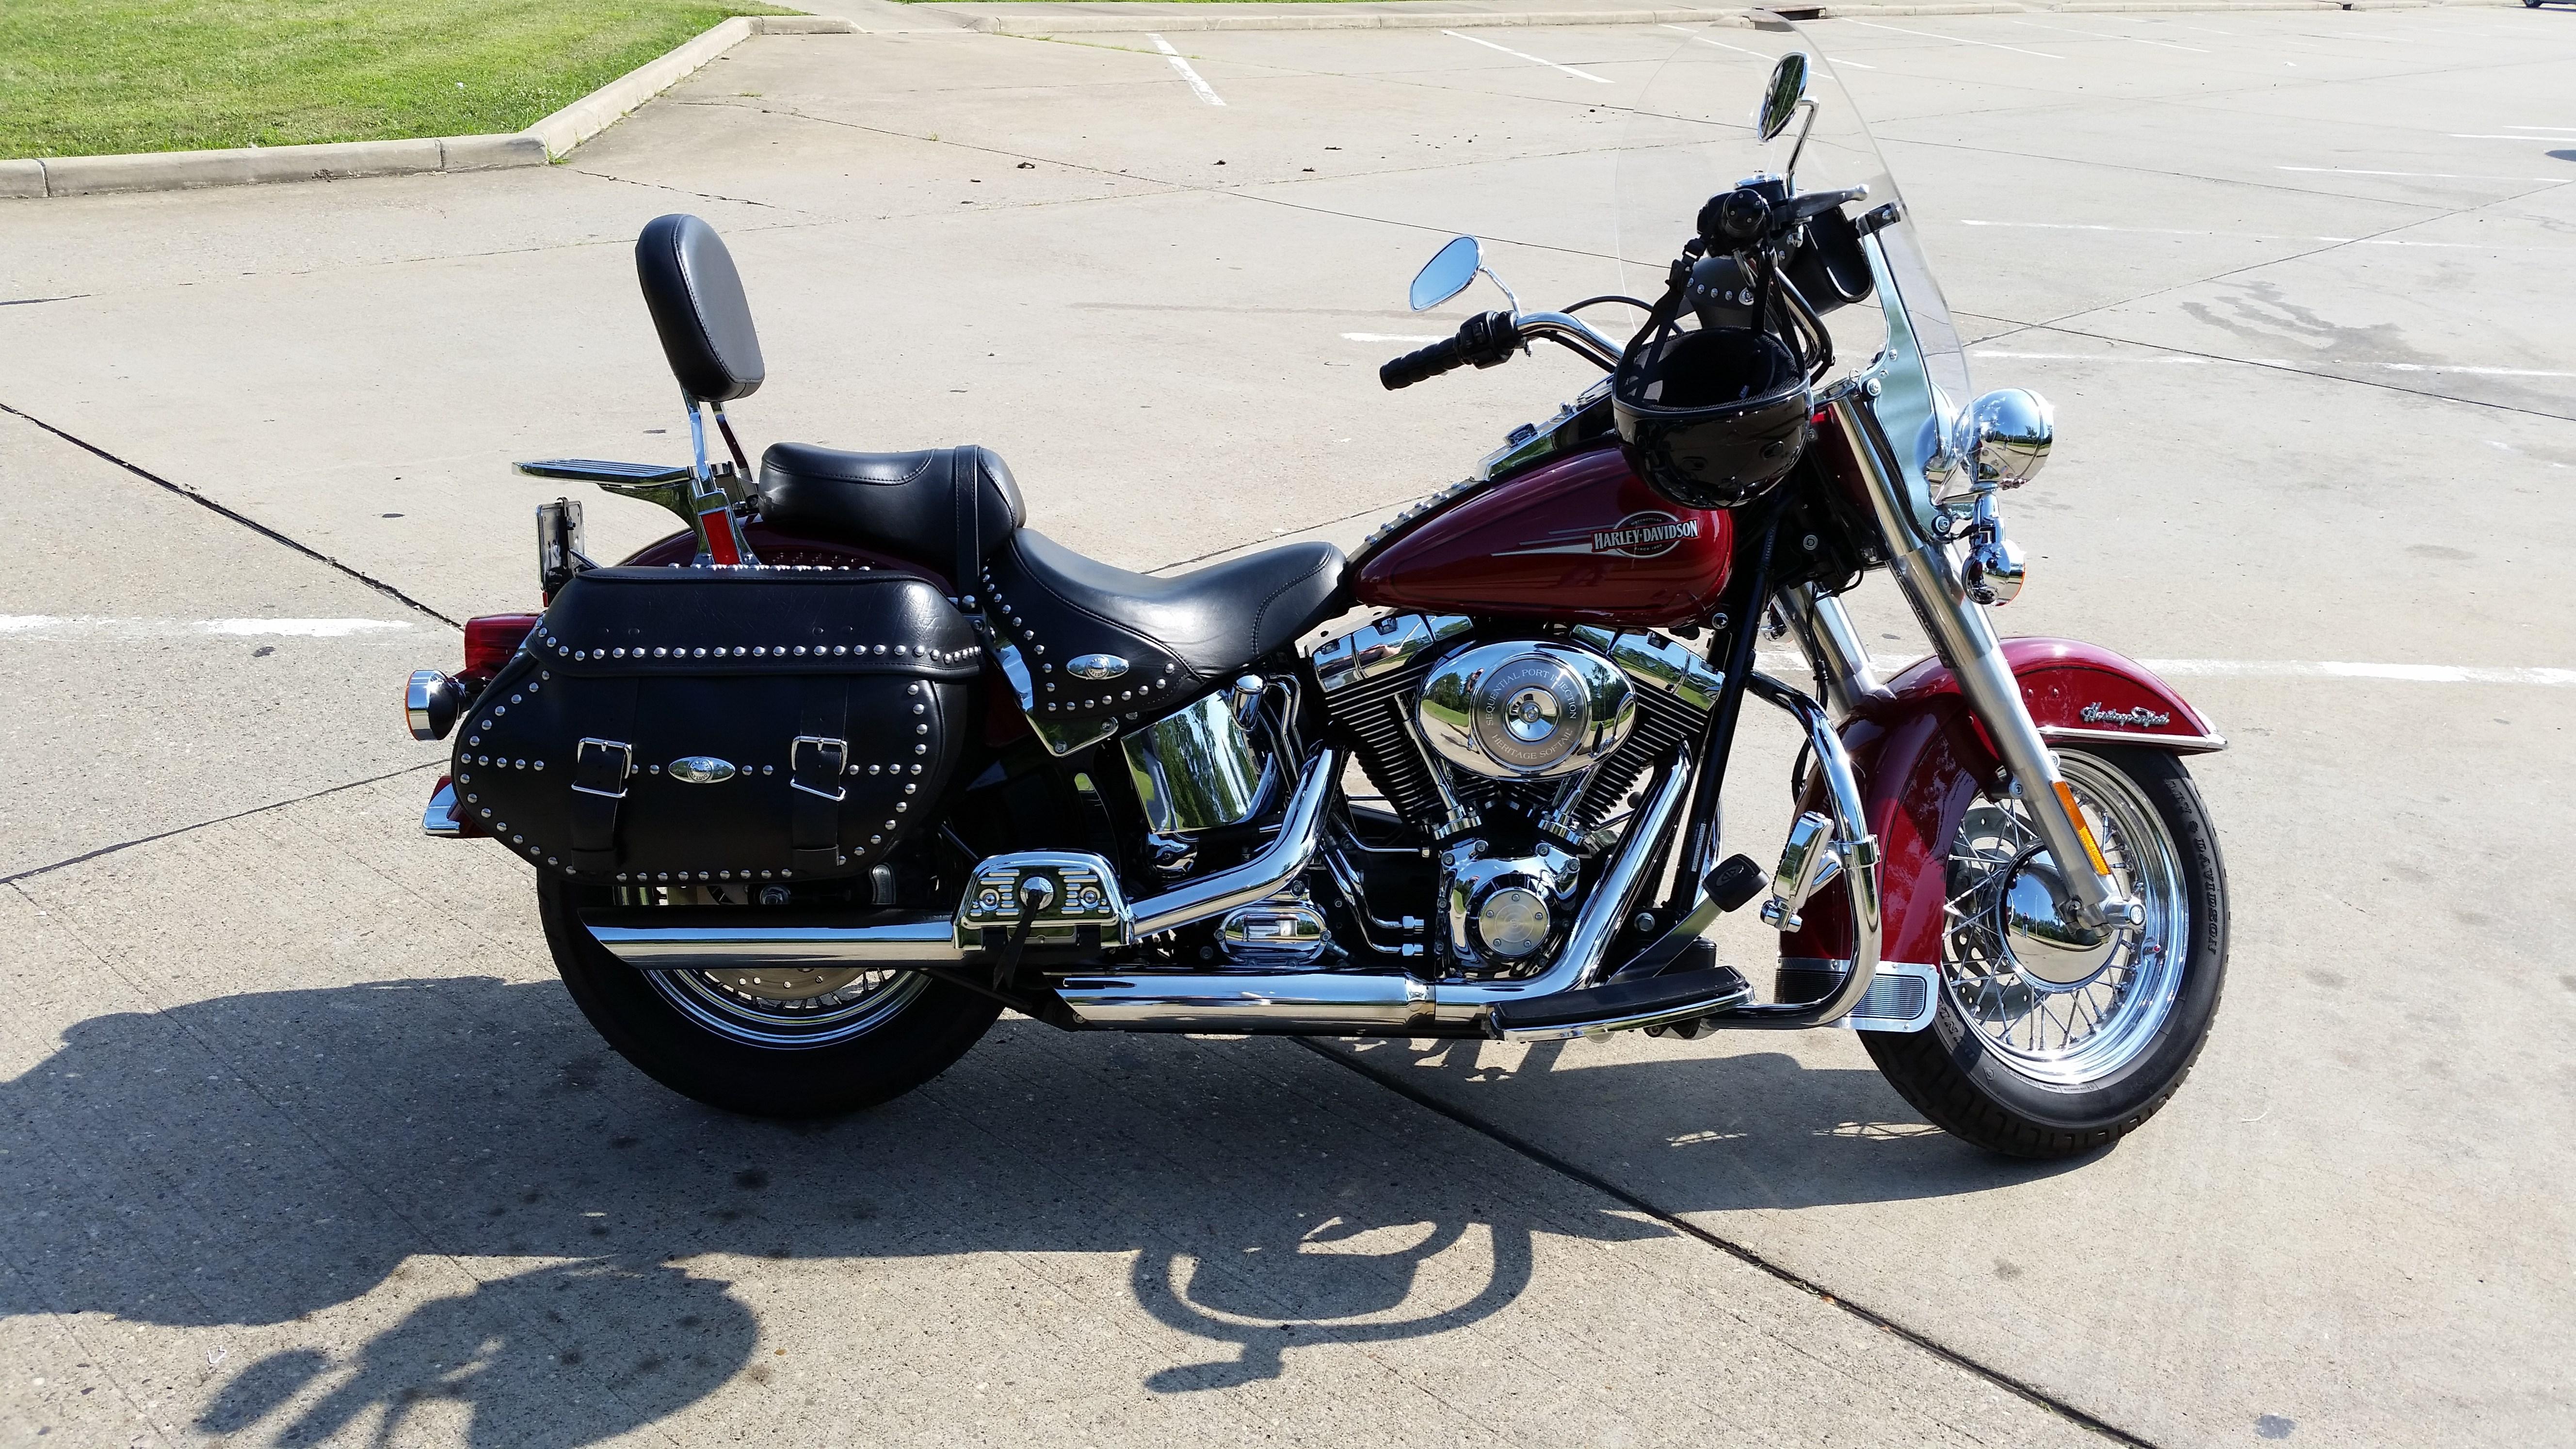 2006 Harley Flstc Wiring Diagram - Wiring Schematics on